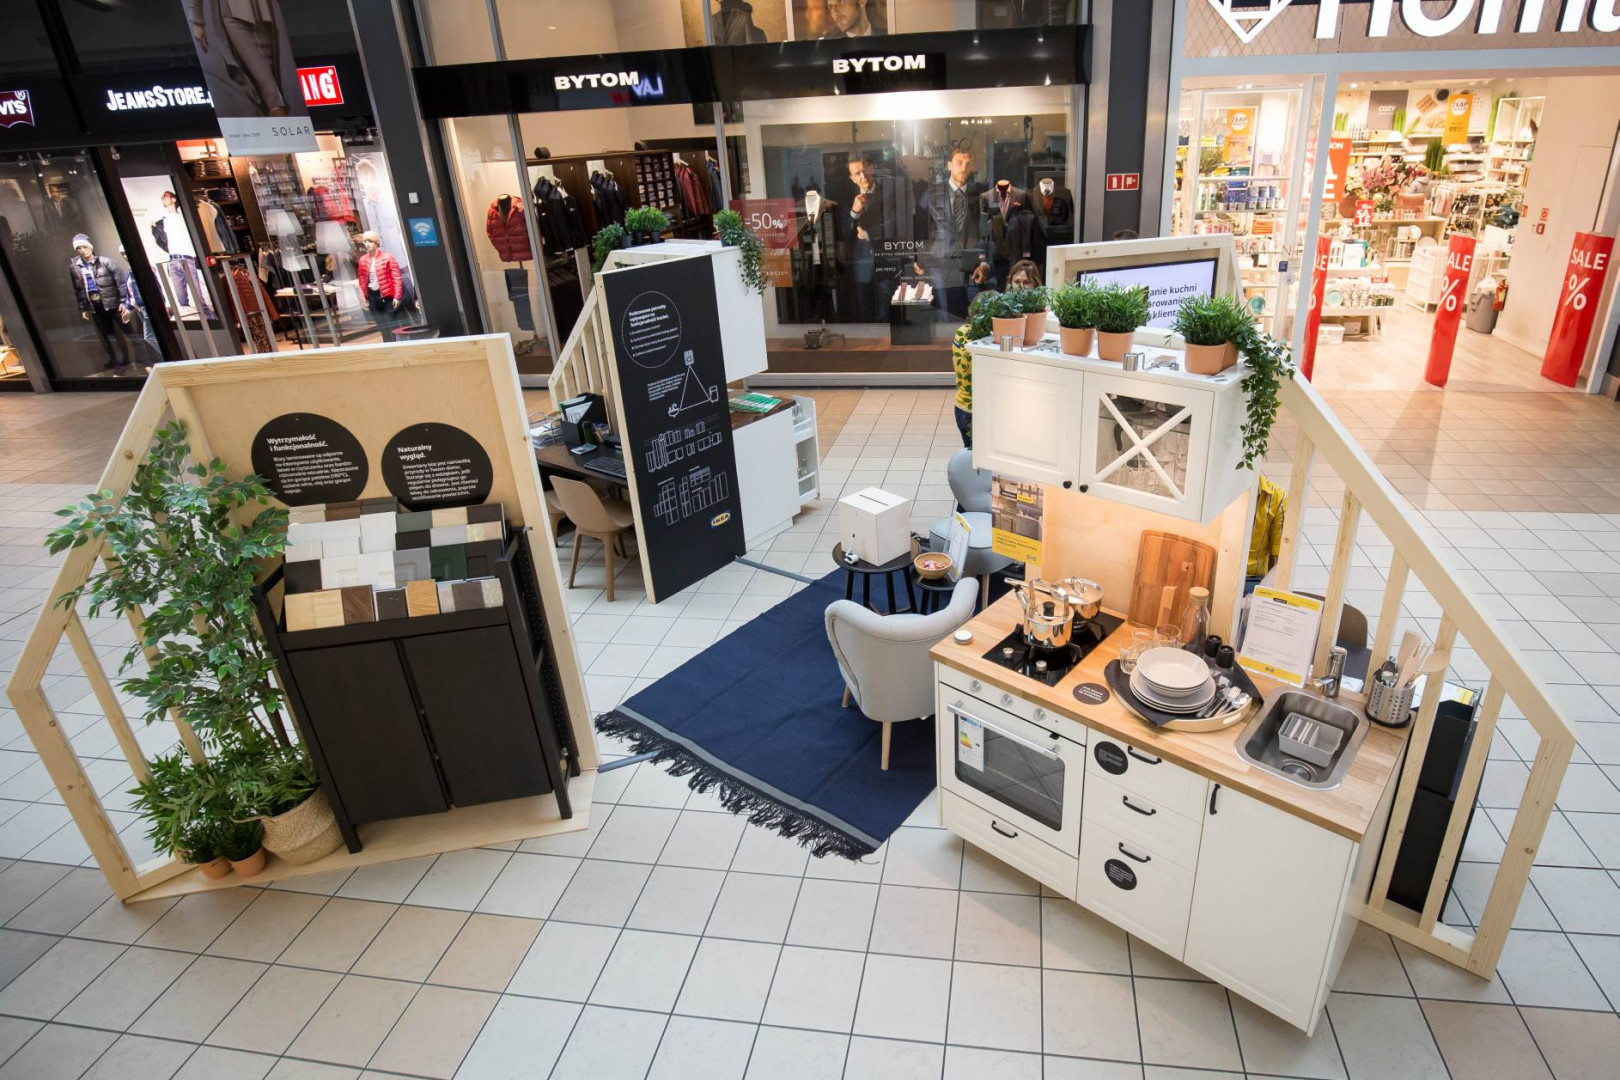 W centrum handlowym M1 w Krakowie powstał tymczasowy punkt IKEA. Pop-up funkcjonował będzie od 2 do 30 listopada.